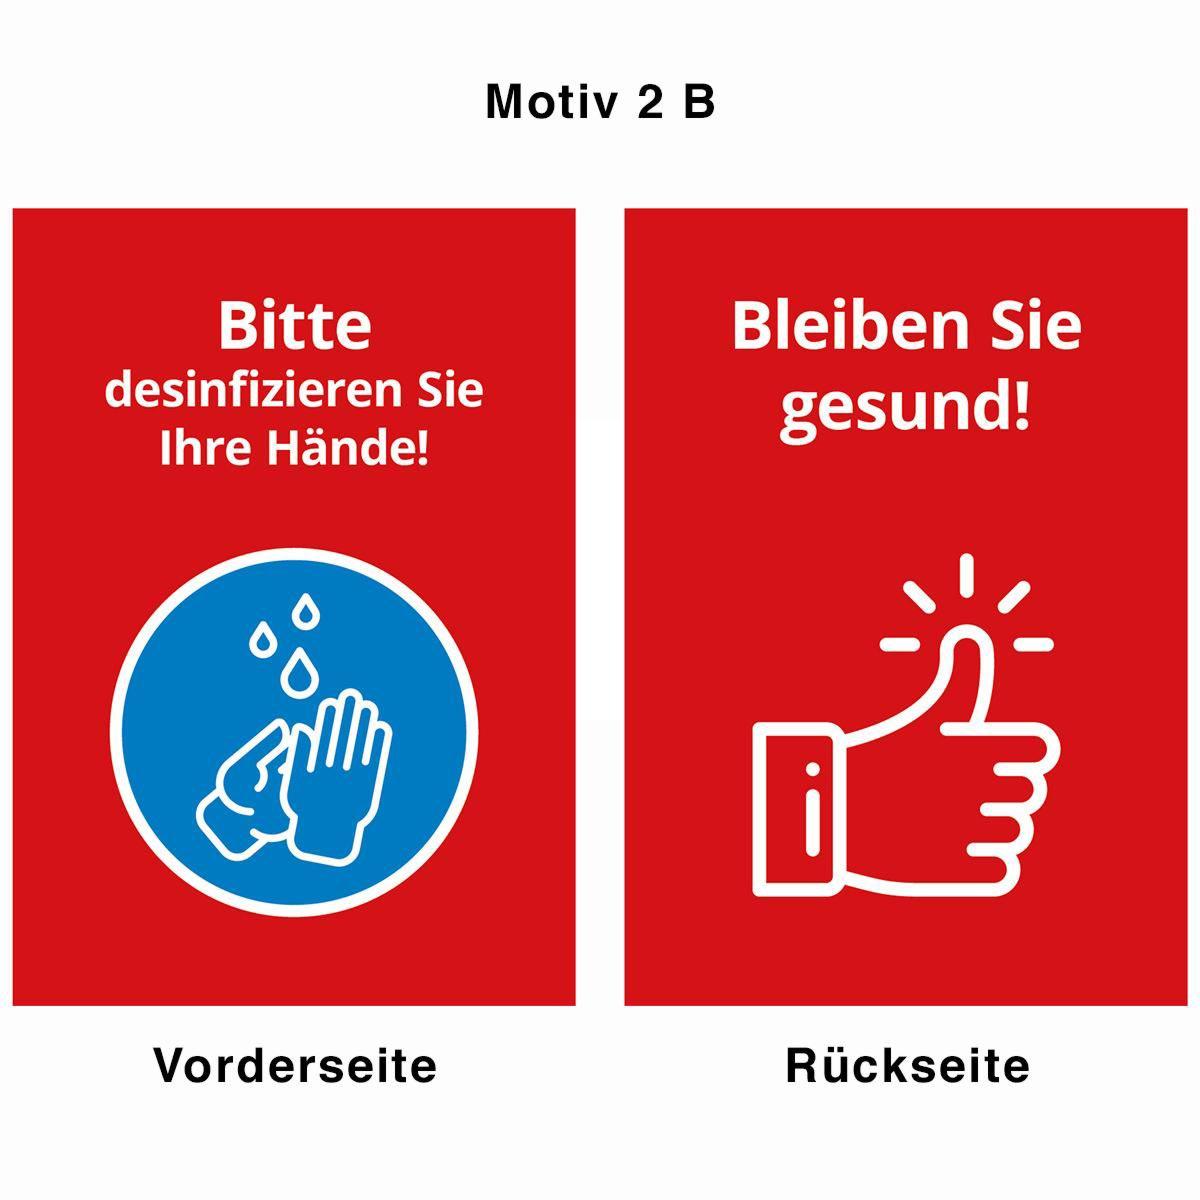 Desinfektionsständer - Motiv 2 B